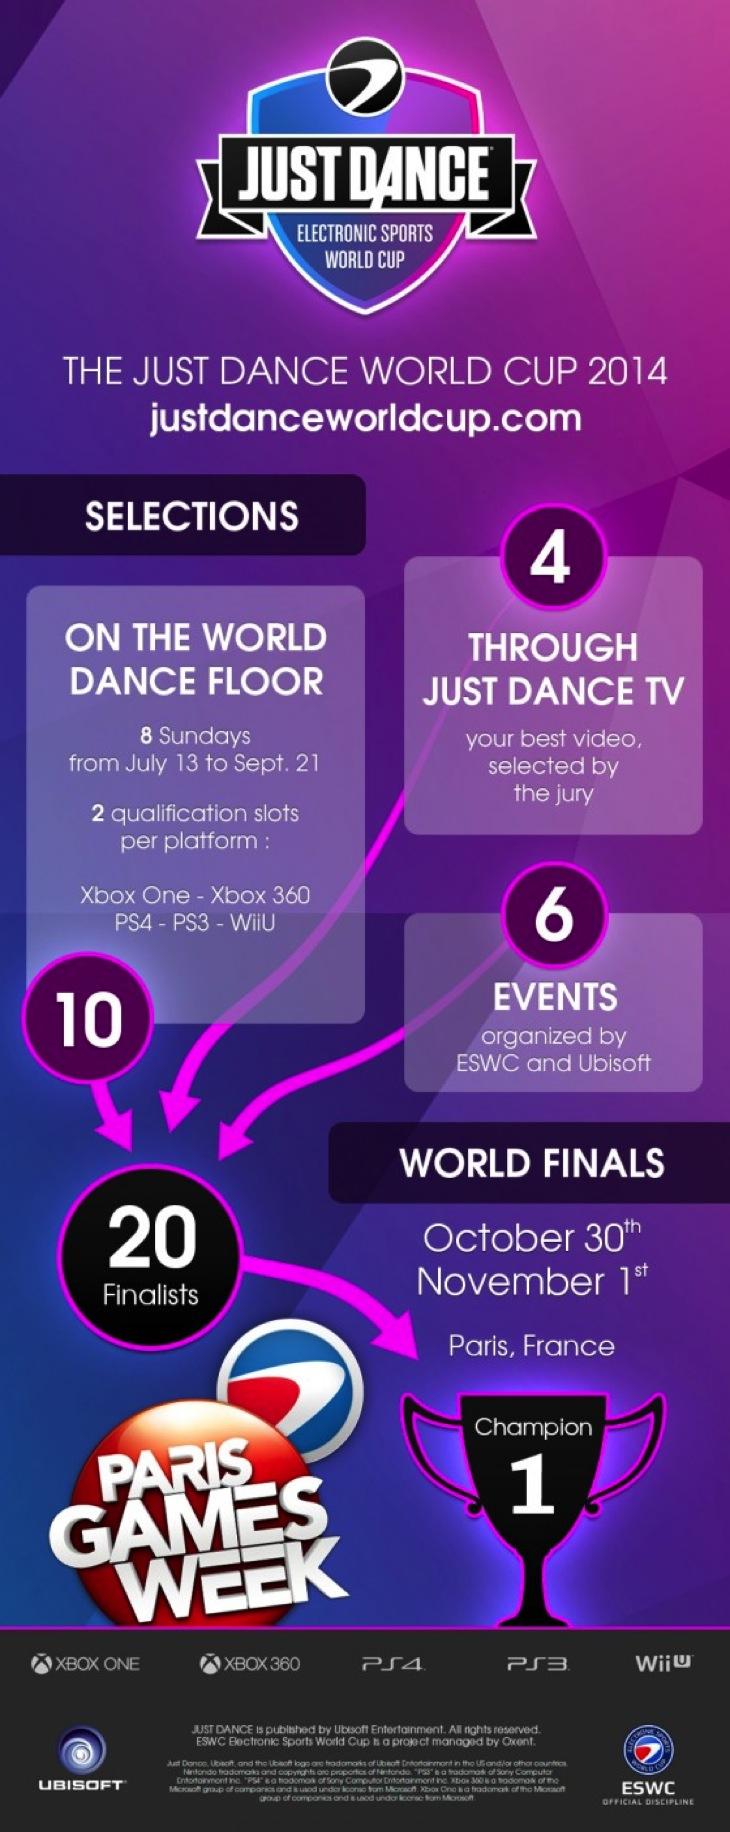 Just dance eswc info en v6